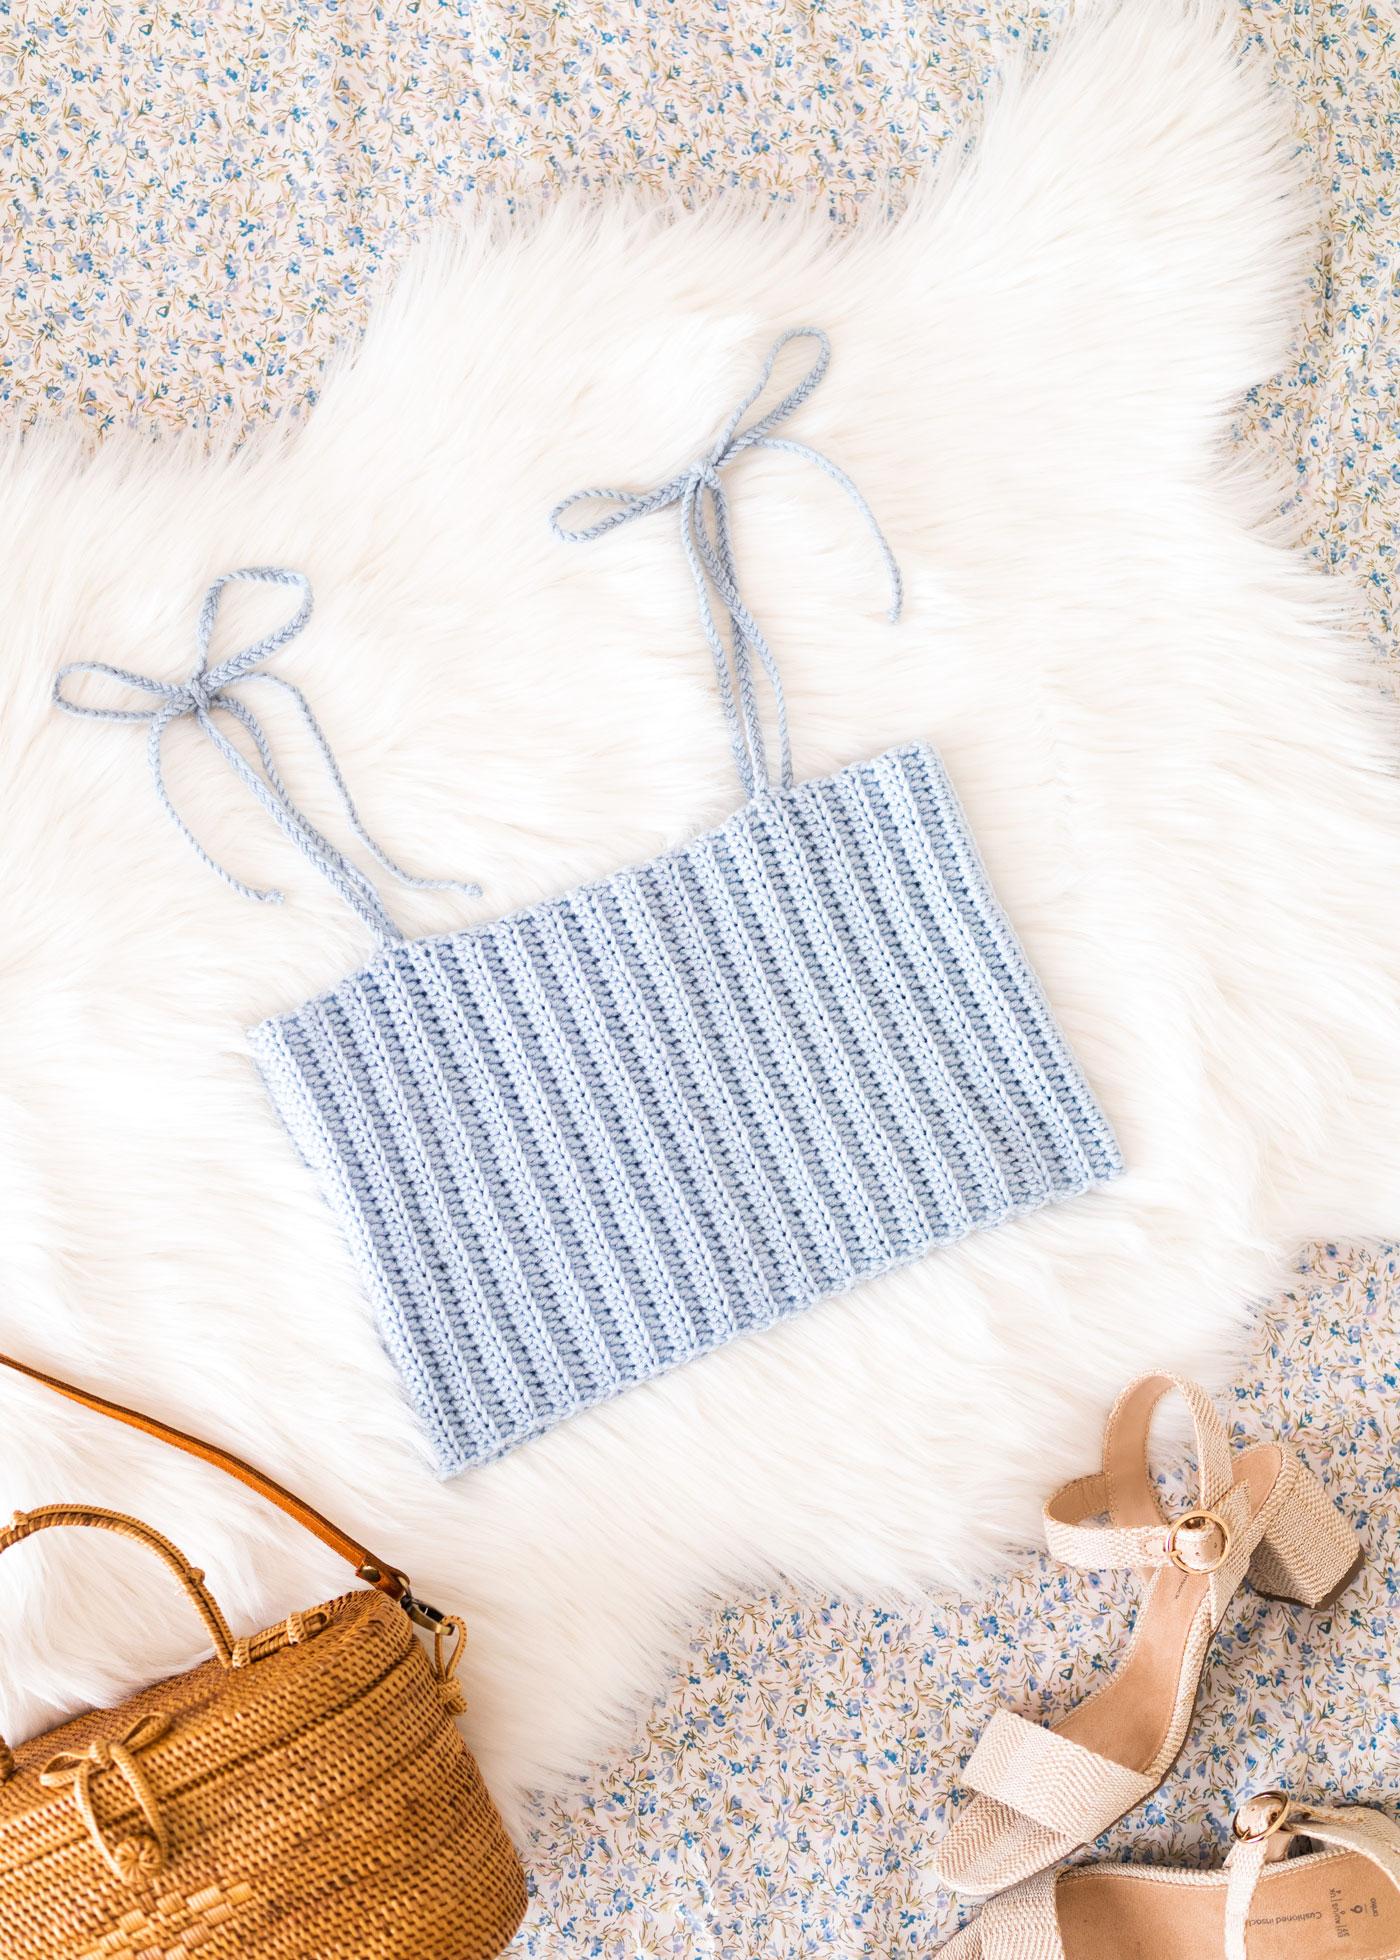 16-free-crochet-summer-top-patterns-2021